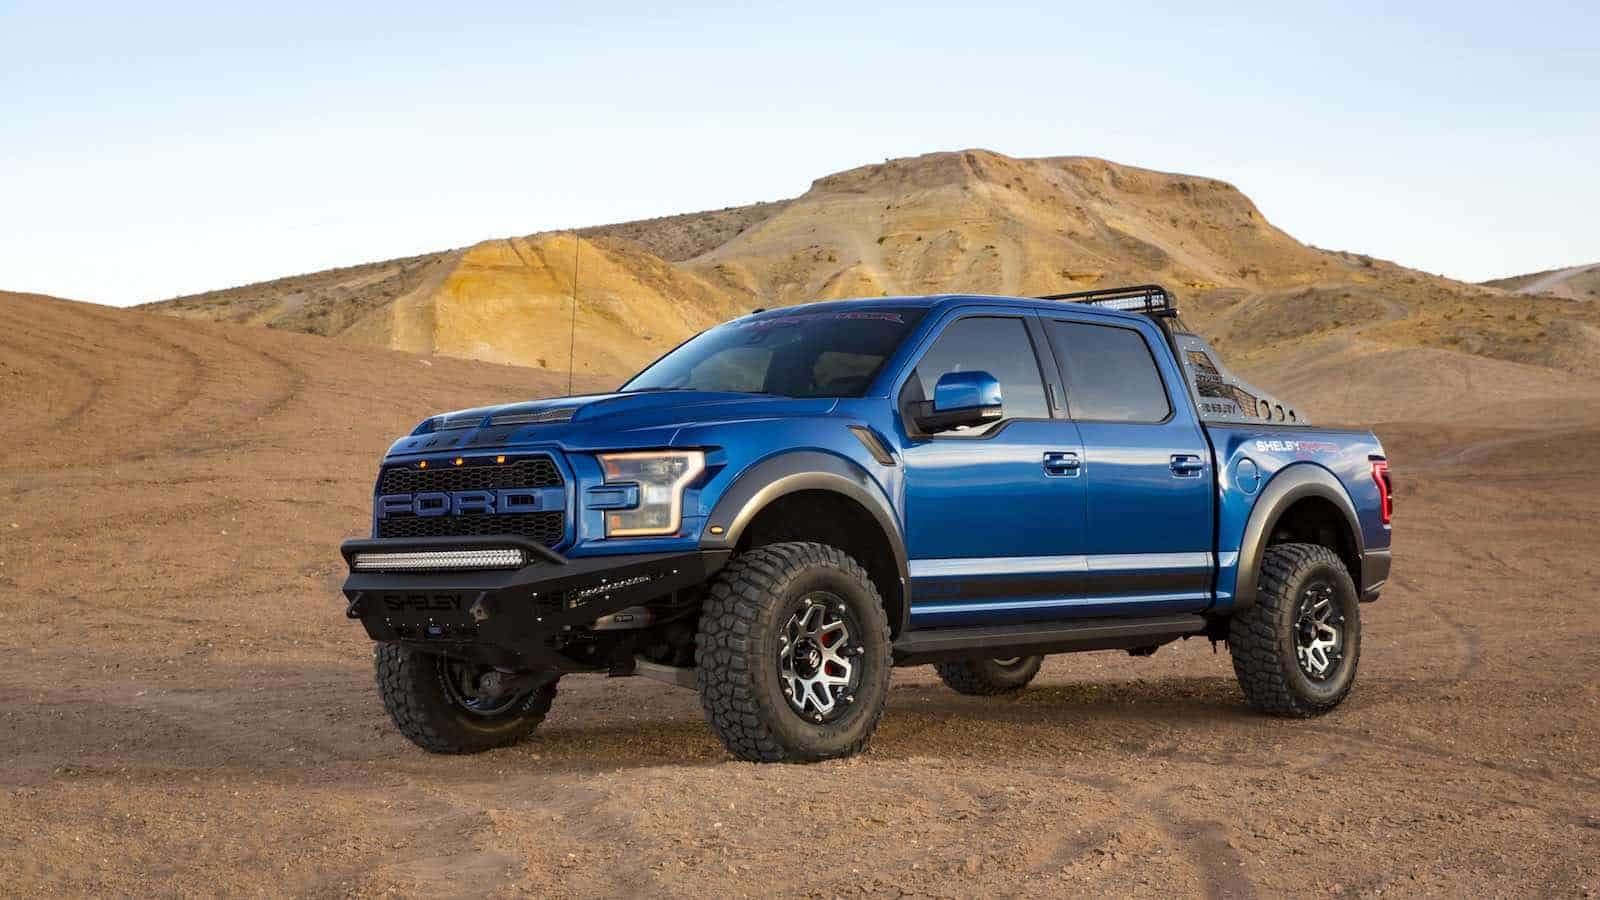 Domine las peores carreteras con la pick-up de 525 HP: Shelby Baja Raptor 2018